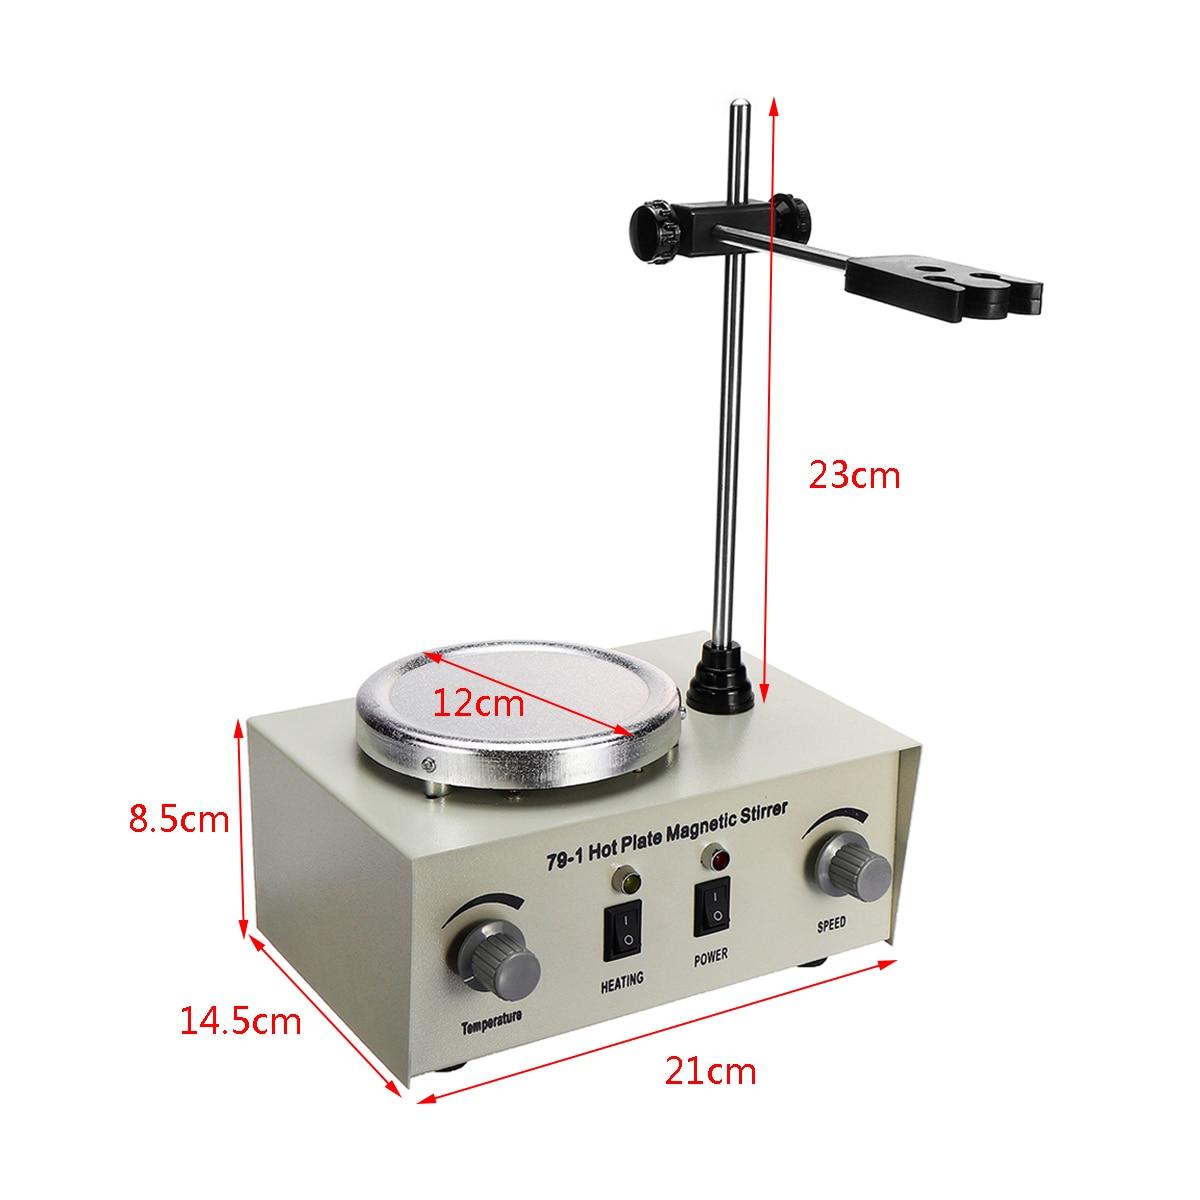 US/AU/EU 79-1 110/220 V 250 W 1000 ml agitateur magnétique à plaque chauffante mélangeur à double commande sans Protection contre les fusibles anti-bruit/vibrations - 5